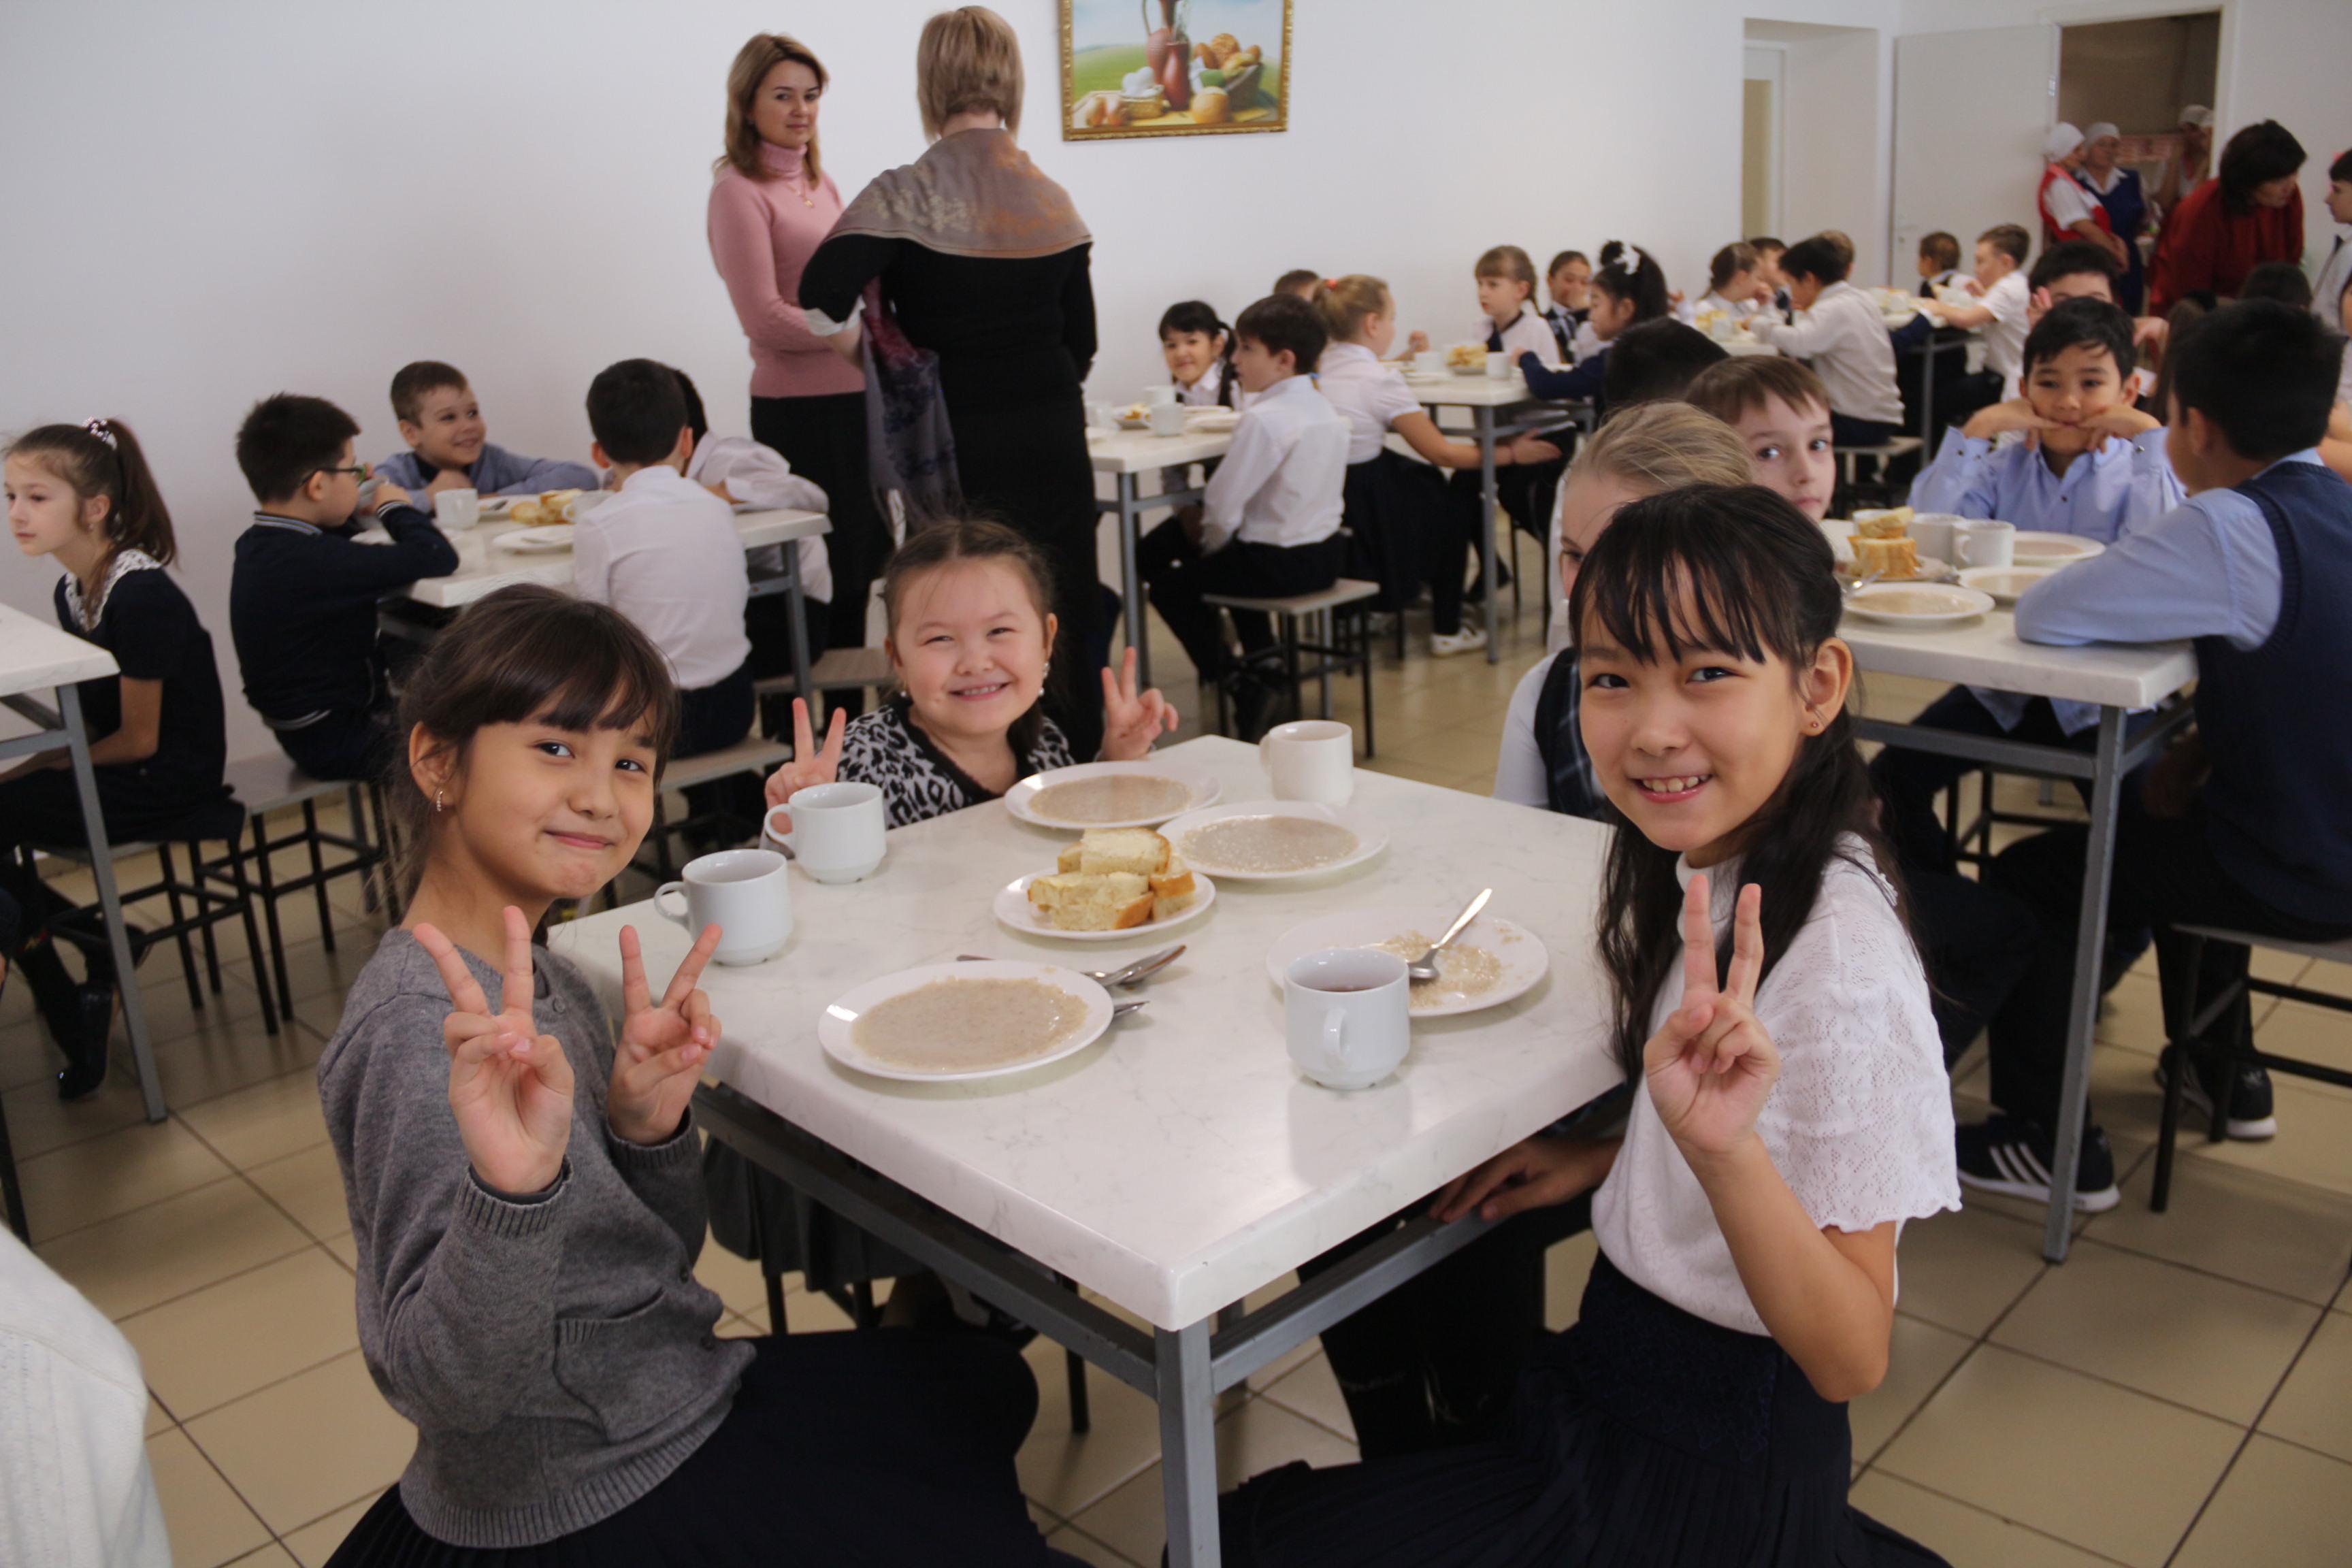 54 школы Кызылорды не давали бесплатного питания детям из малообеспеченных семей